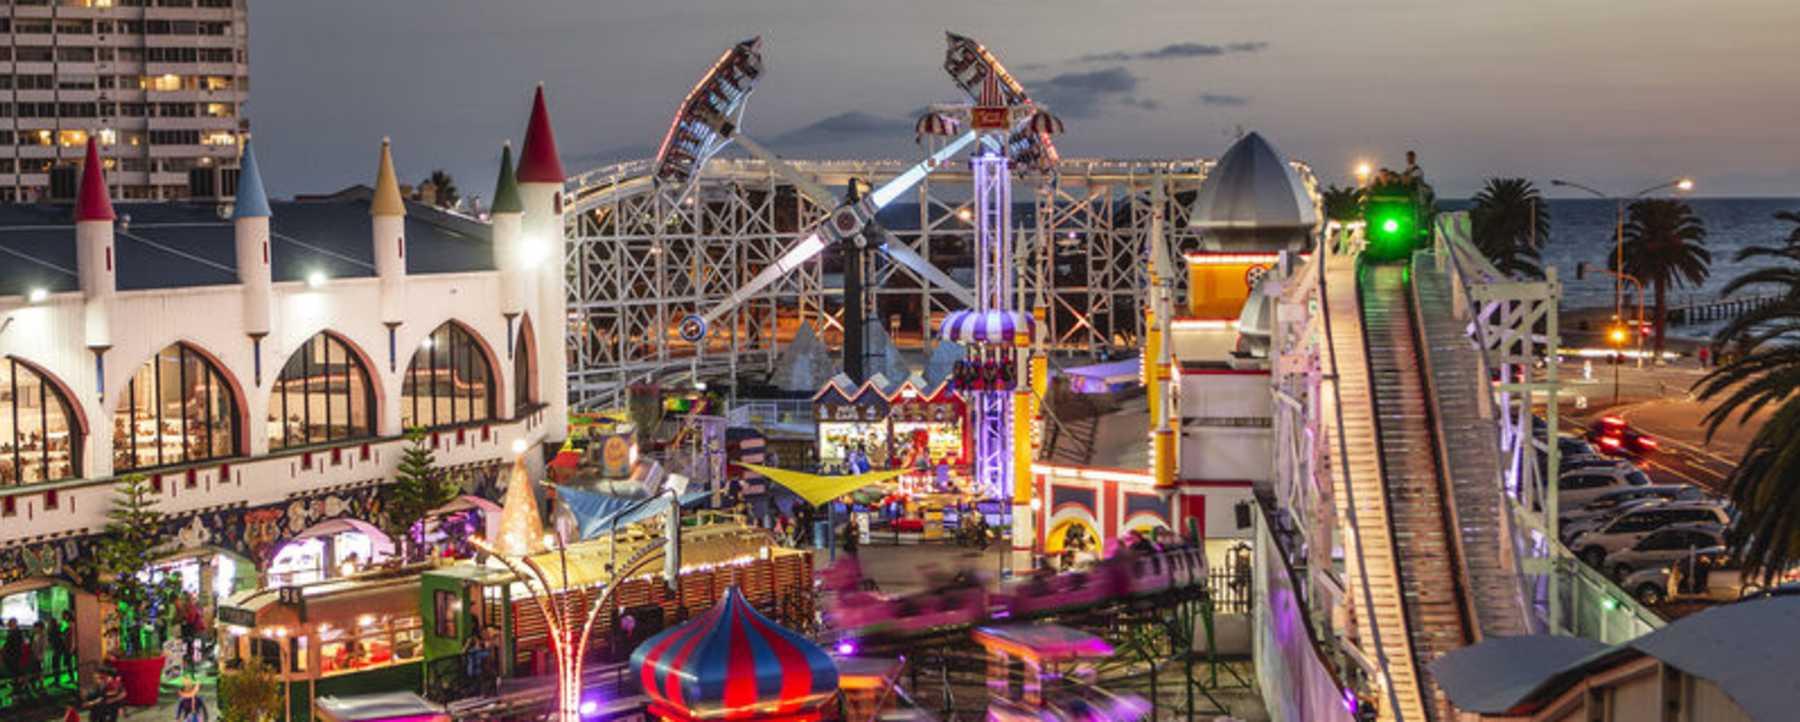 Luna park melbourne for Puerta 9 luna park